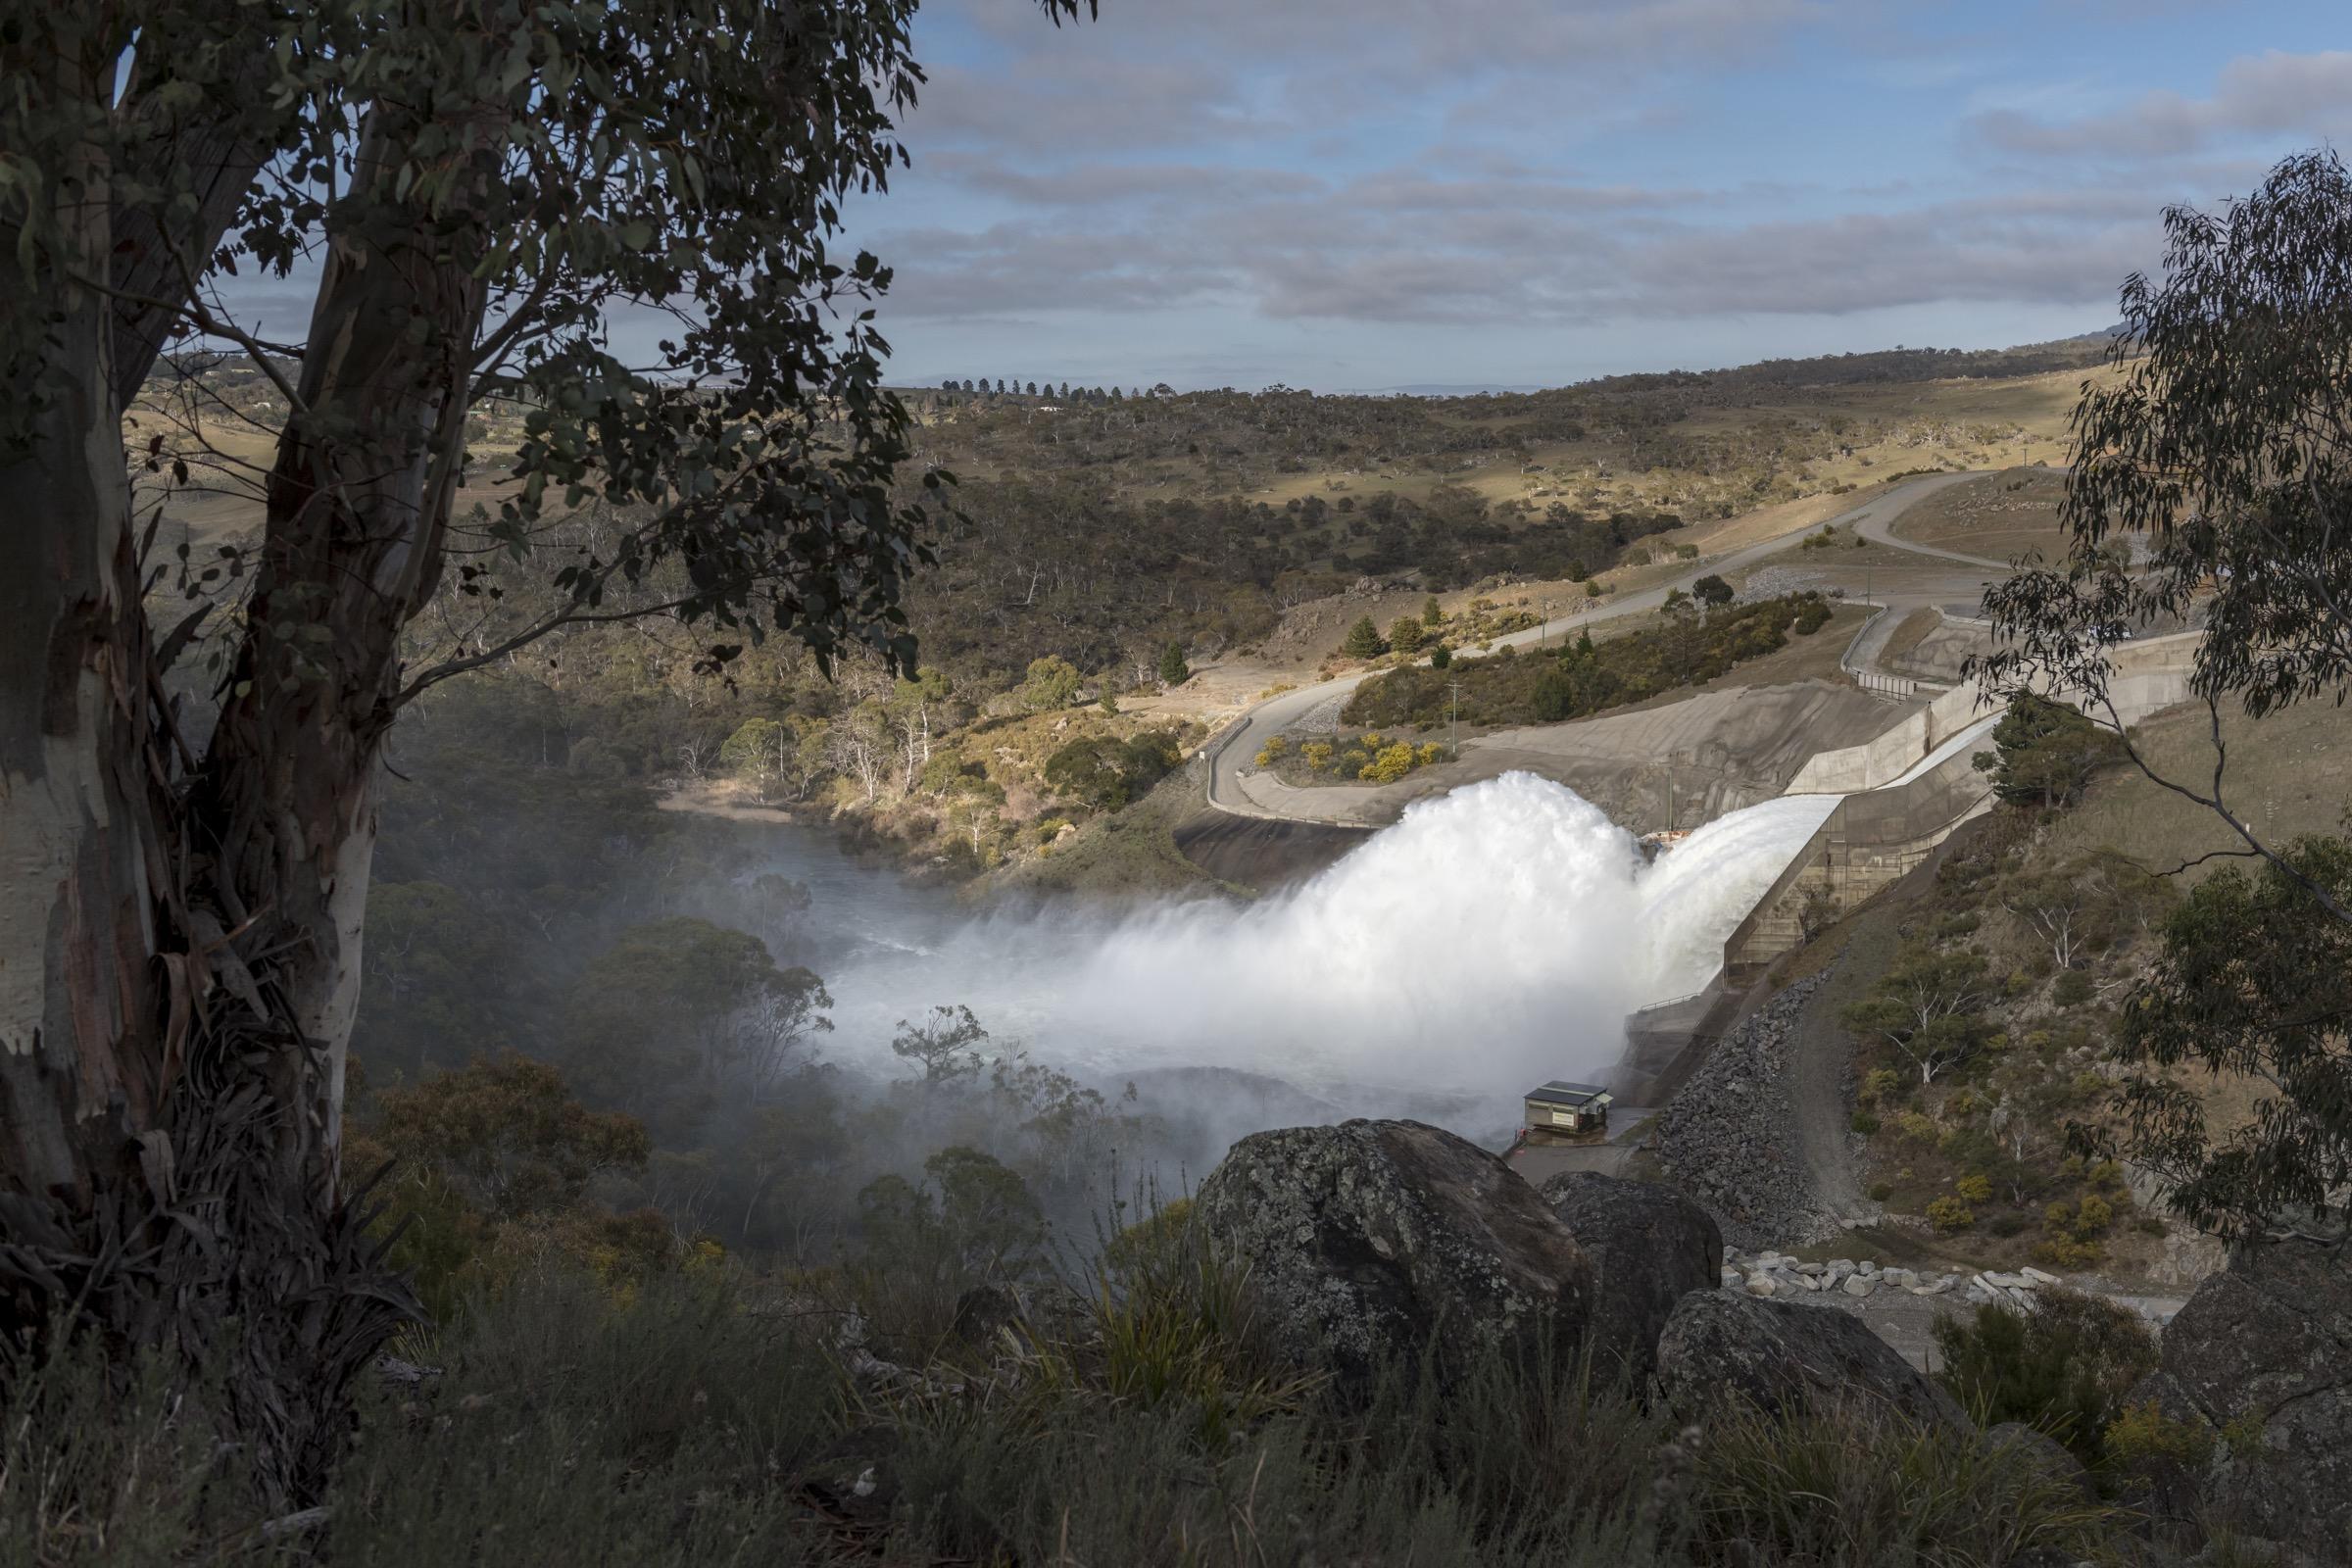 Se libera agua de la presa Jindabyne en Nueva Gales del Sur.  Las presas representan una de las amenazas más importantes para los ornitorrincos y su hábitat en el este de Australia.